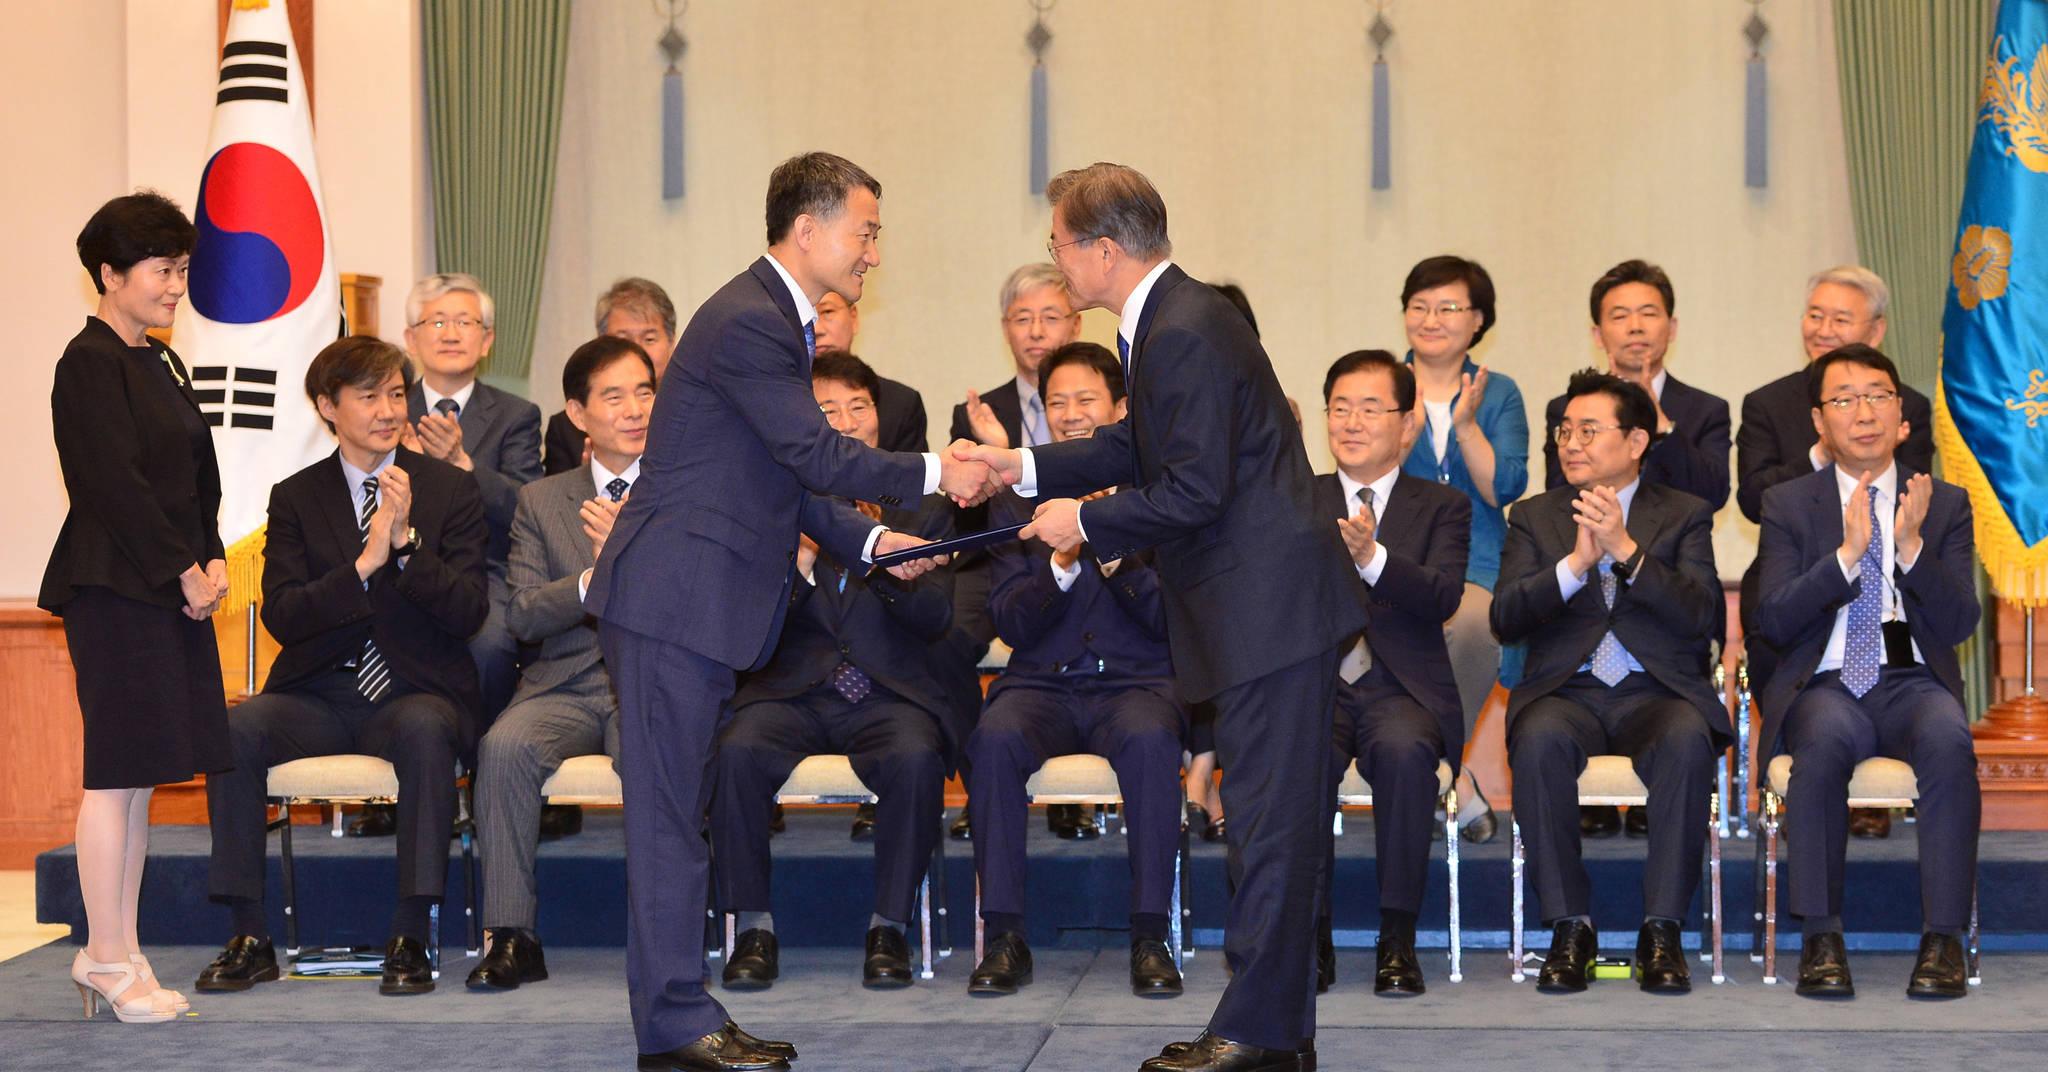 7월 21일 청와대에서 열린 국무위원 임명장 수여식에서 문재인대통령이 박능후 보건복지부장관에게 임명장을 수여한 후 악수하고 있다.청와대사진기자단